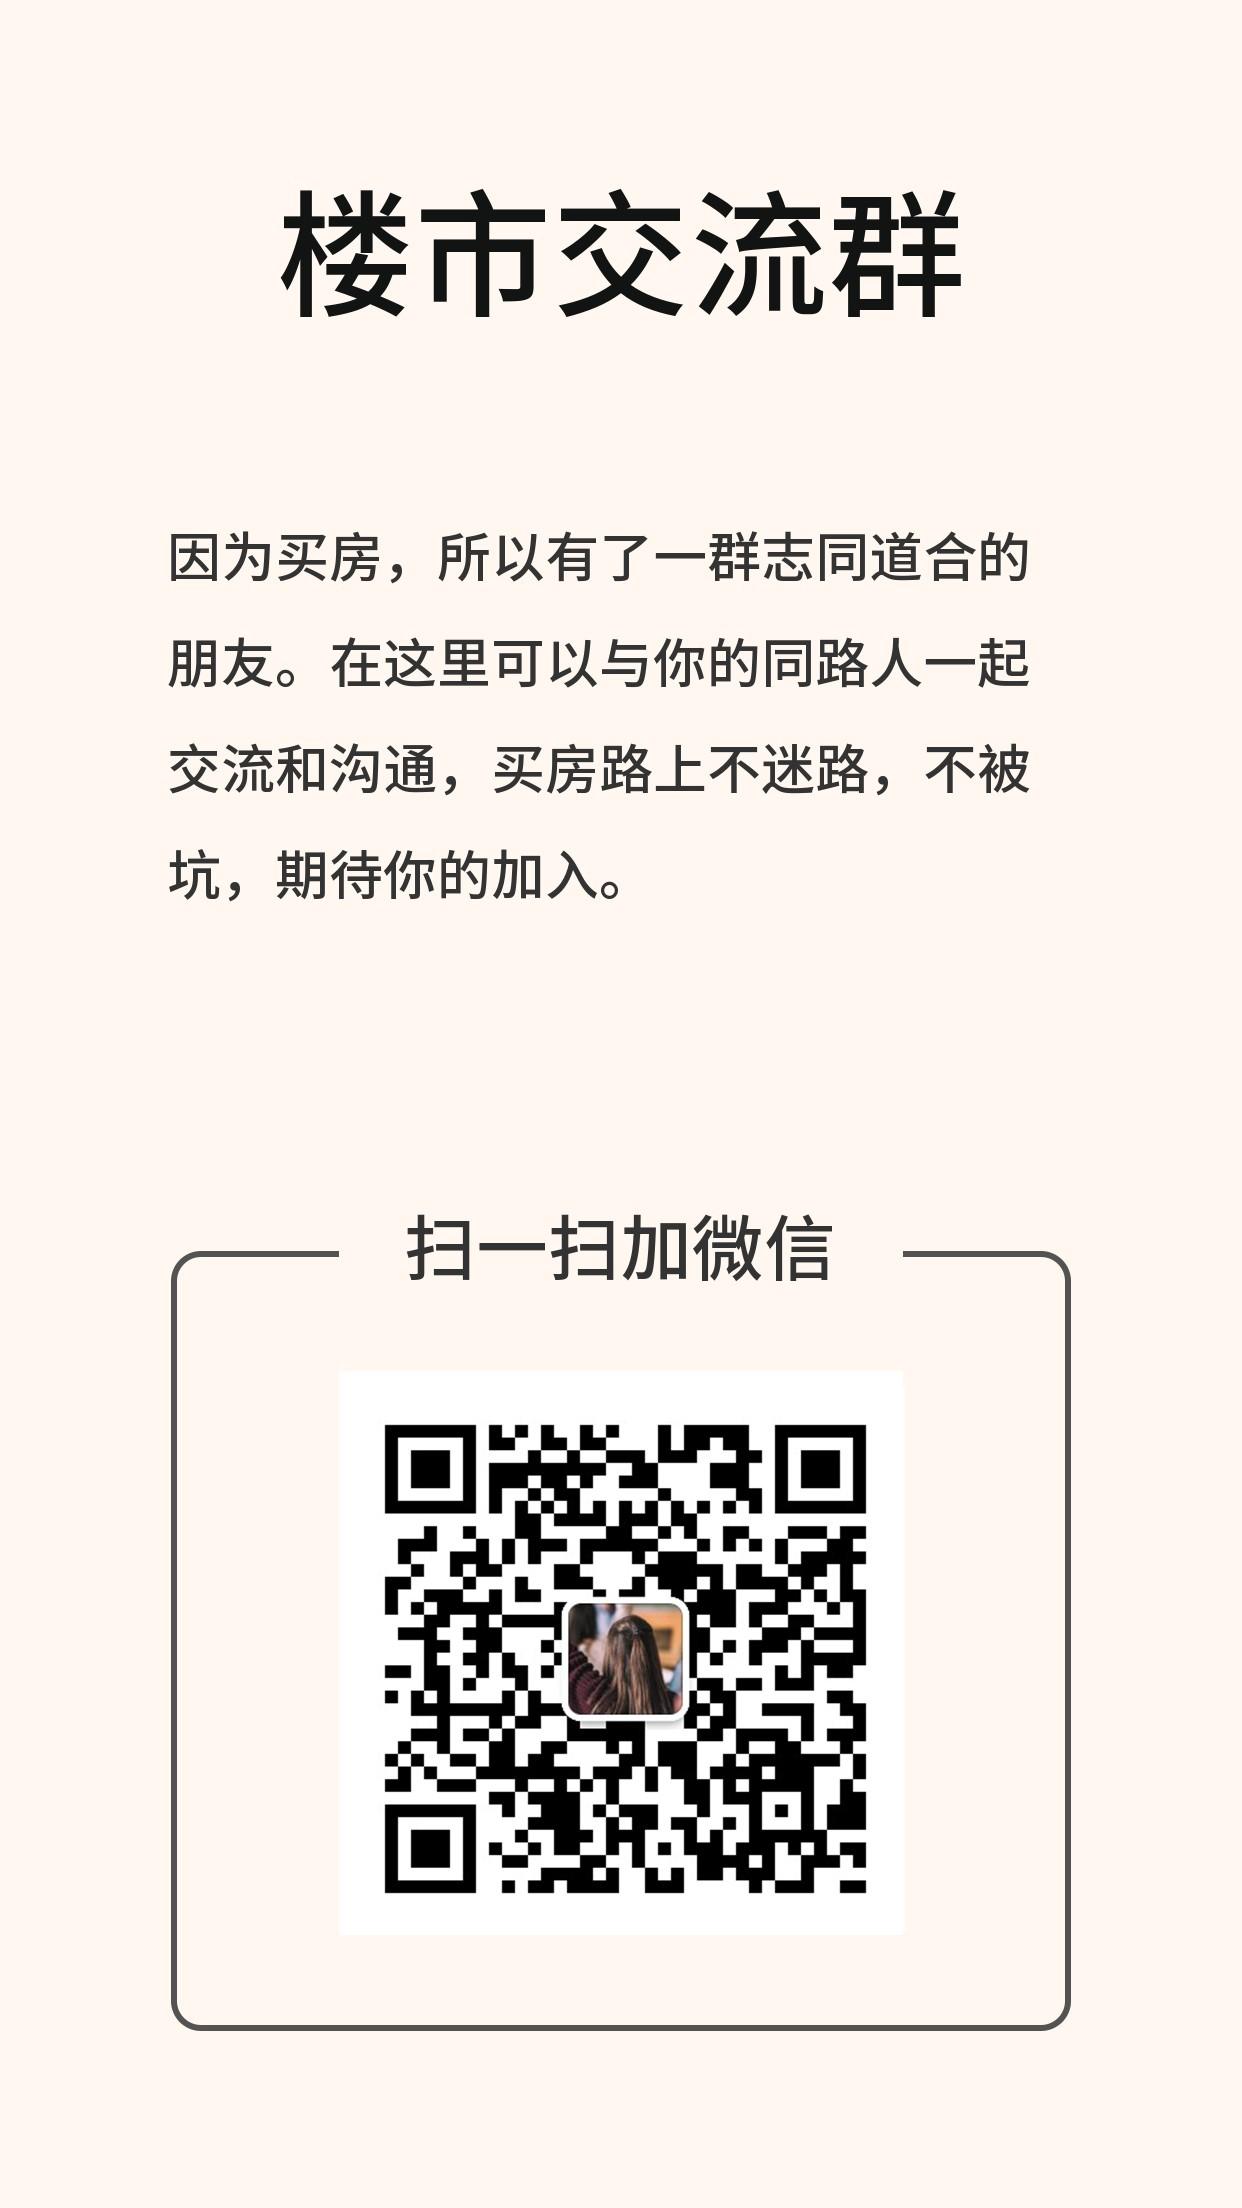 加微信买产品.jpg